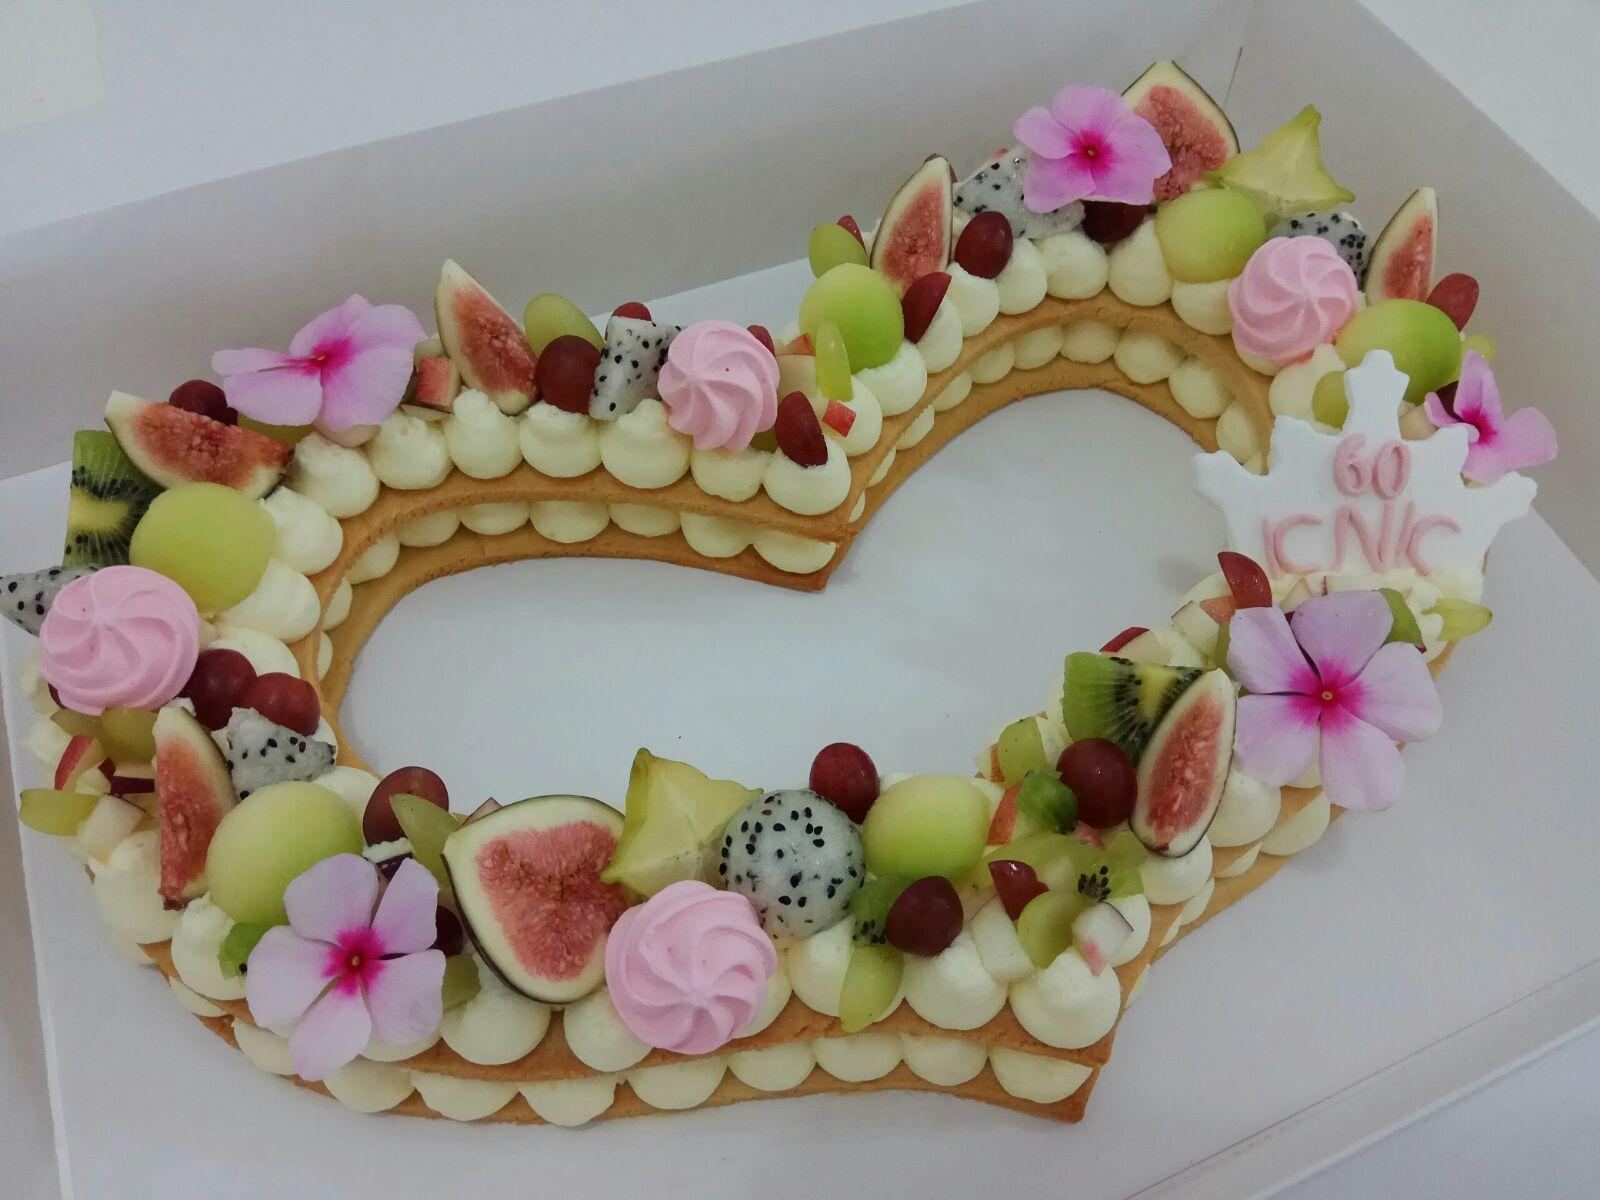 Fruit Cake Letter Cake Heart Cake Almont Tart Healthy Cake